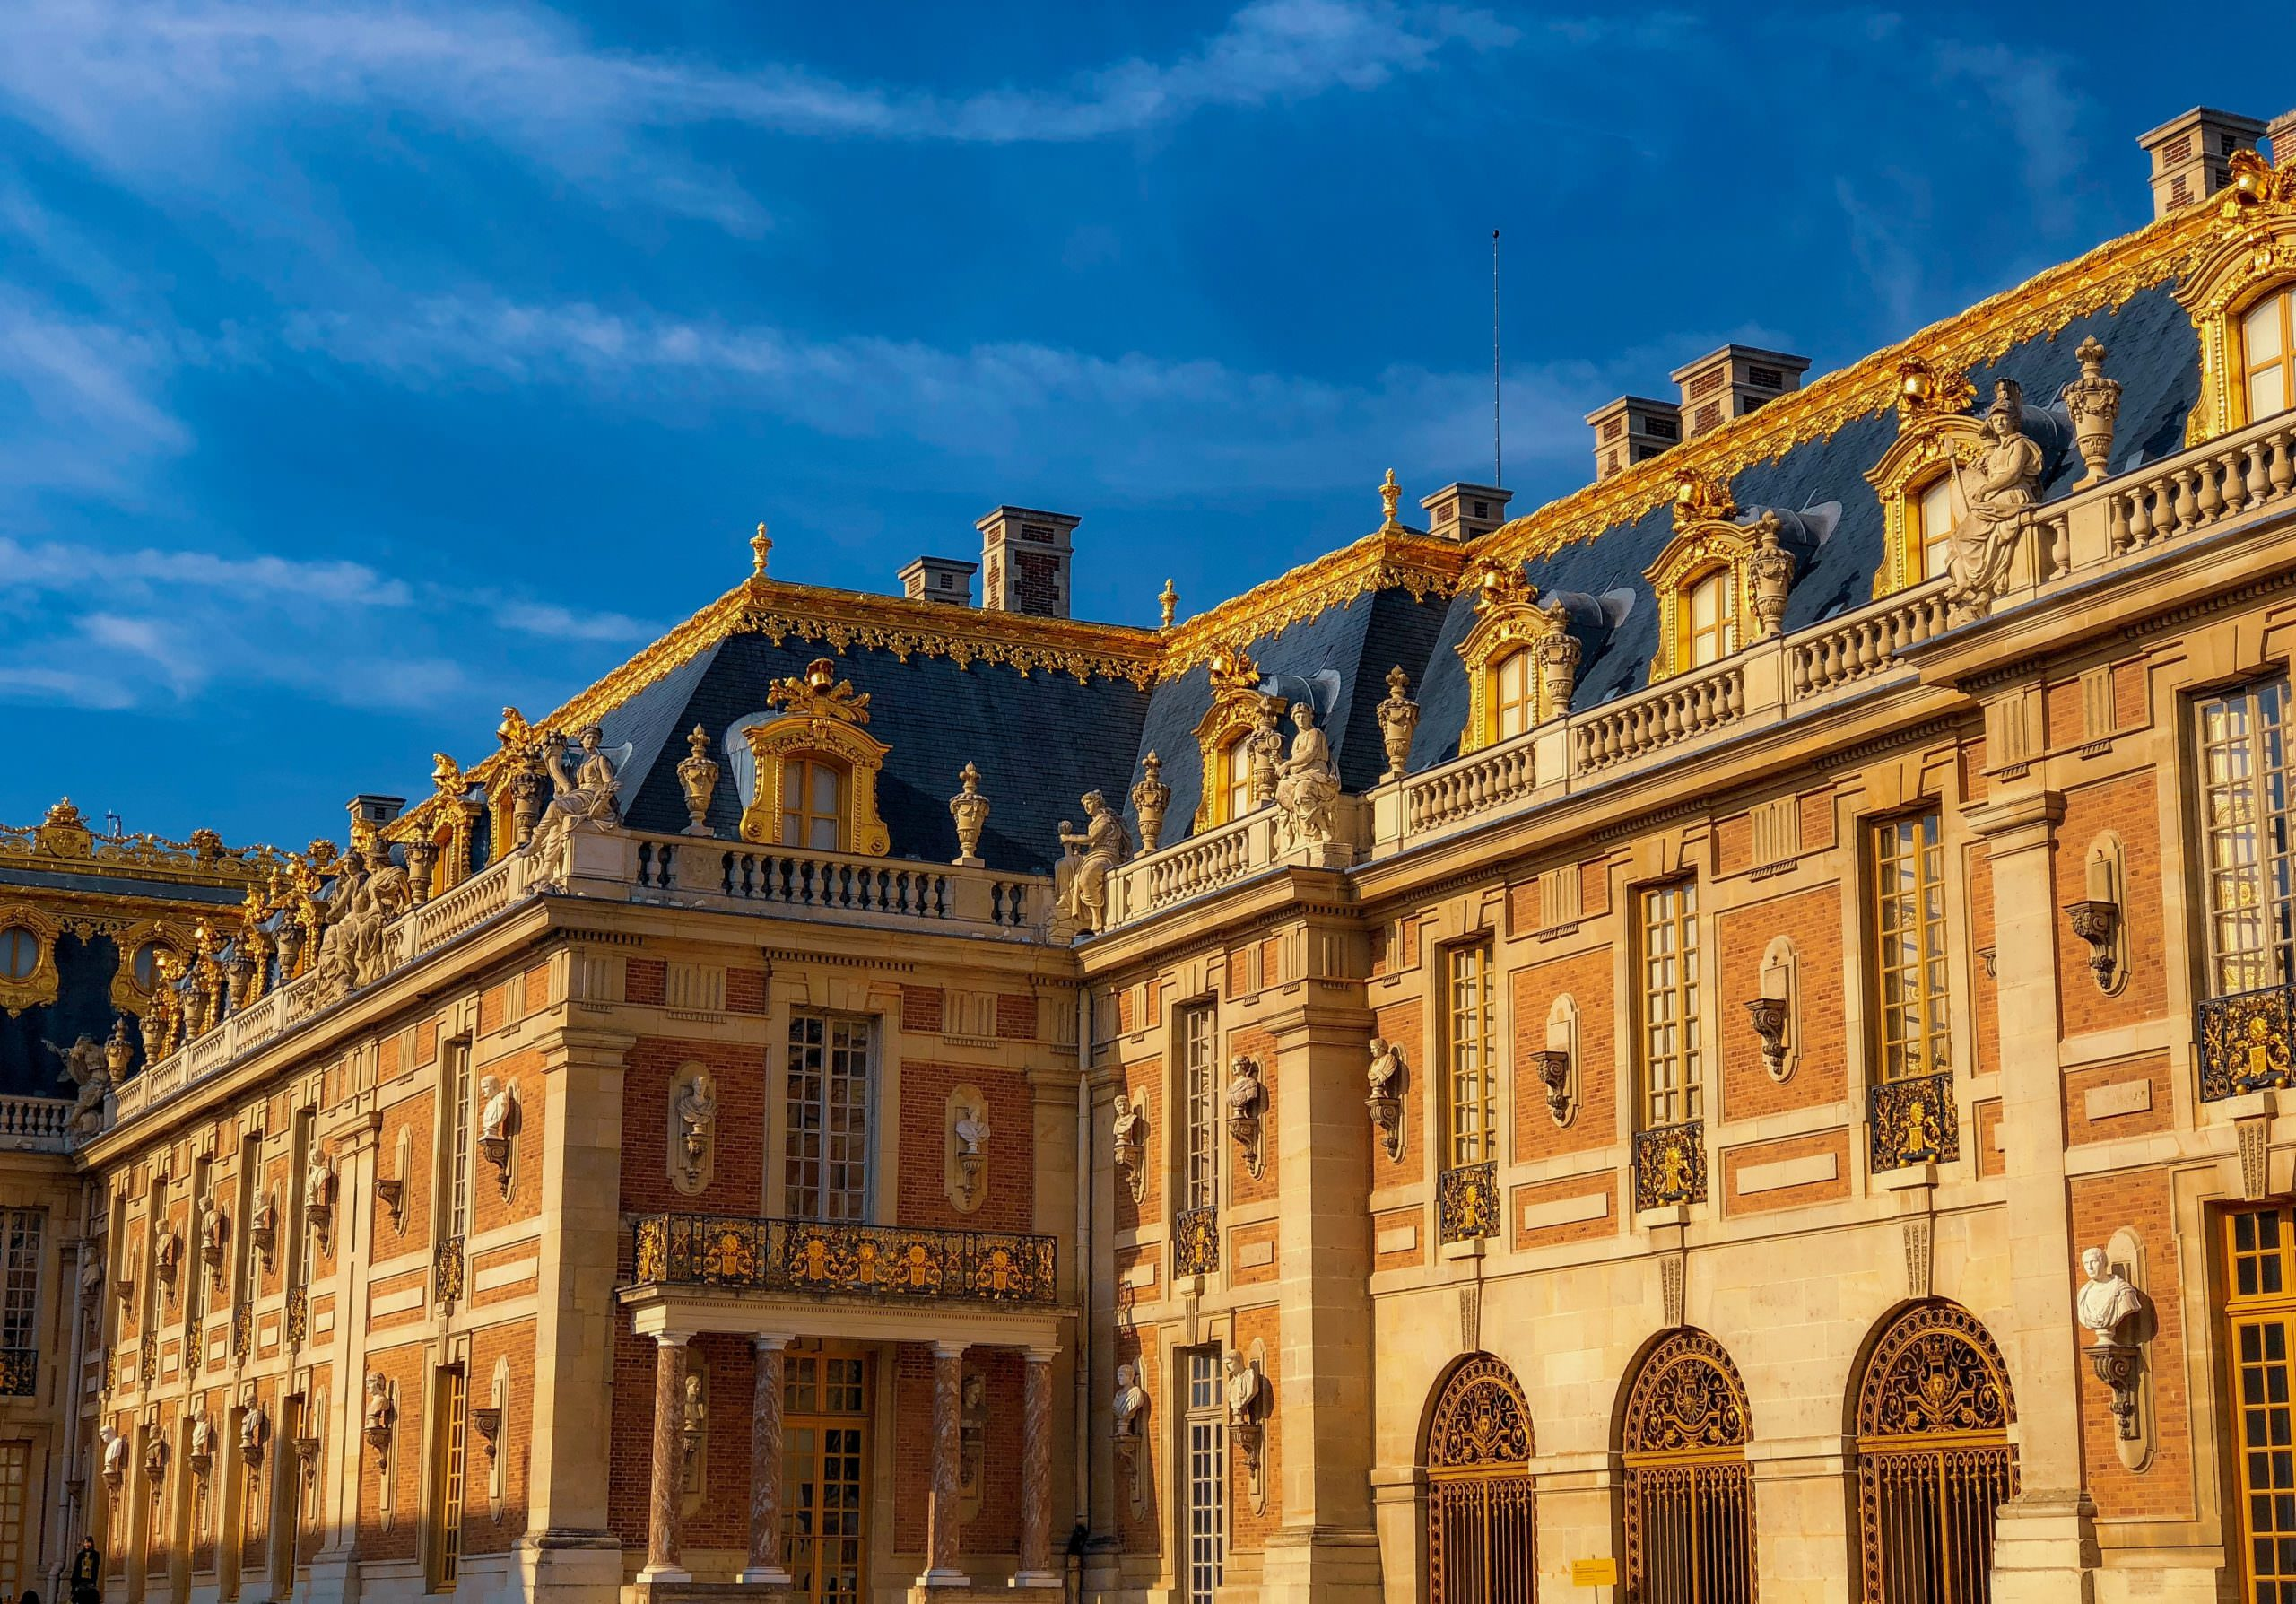 أفضل الأشياء التي يجب رؤيتها والقيام بها في فرساي ، فرنسا